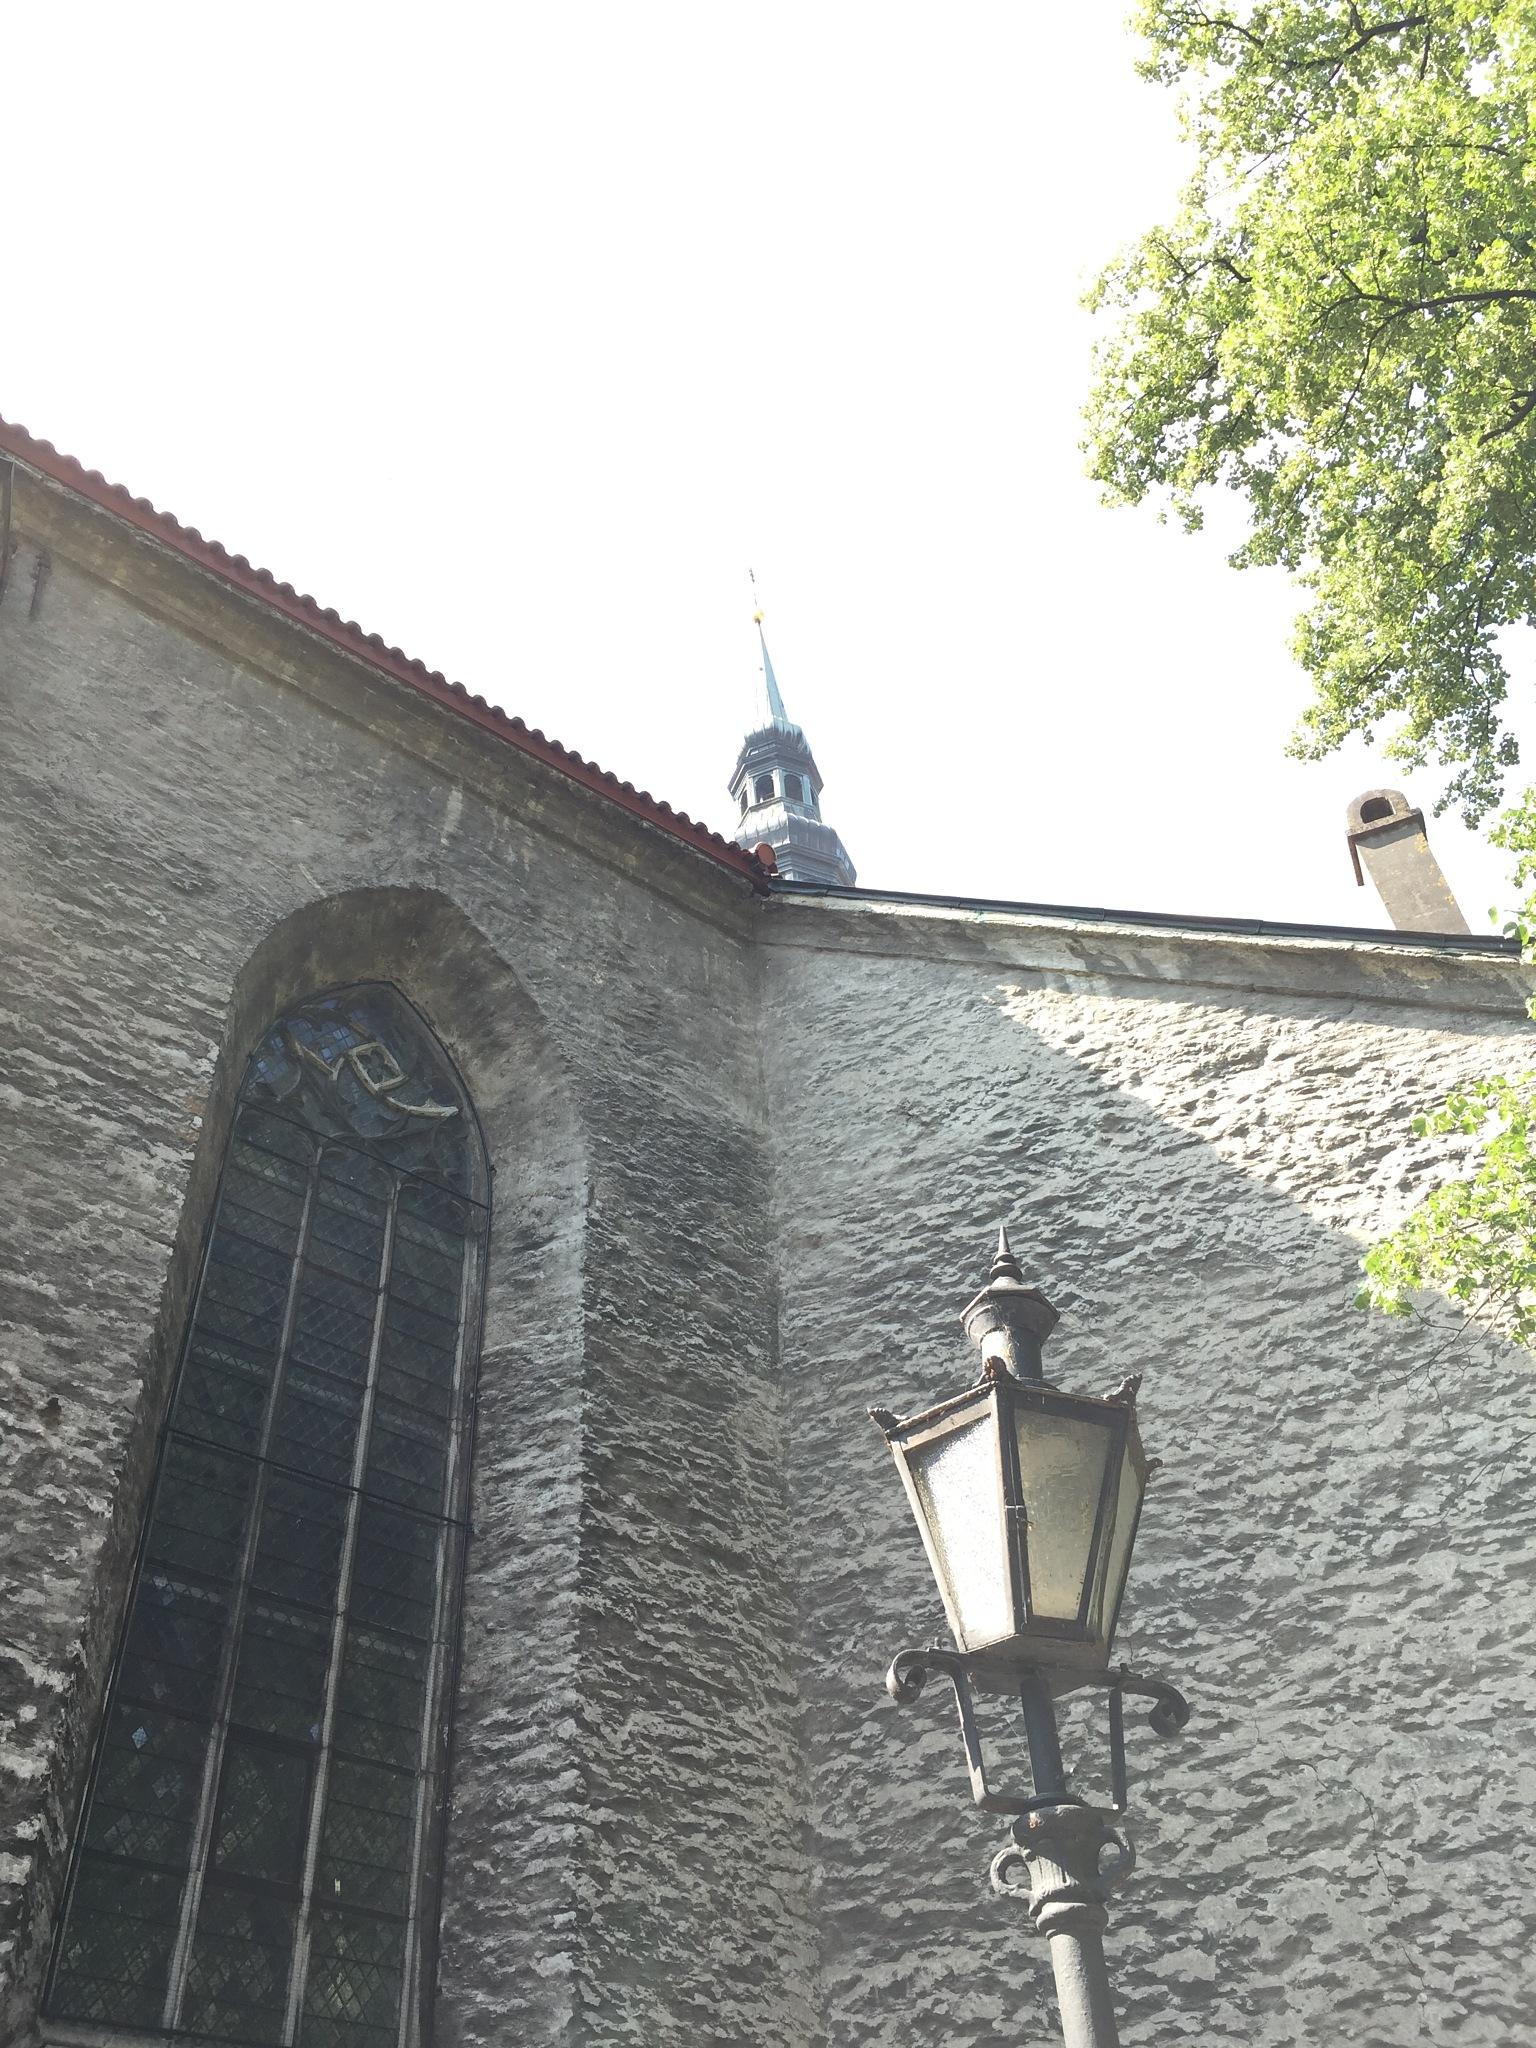 Church a litt by Peter P C